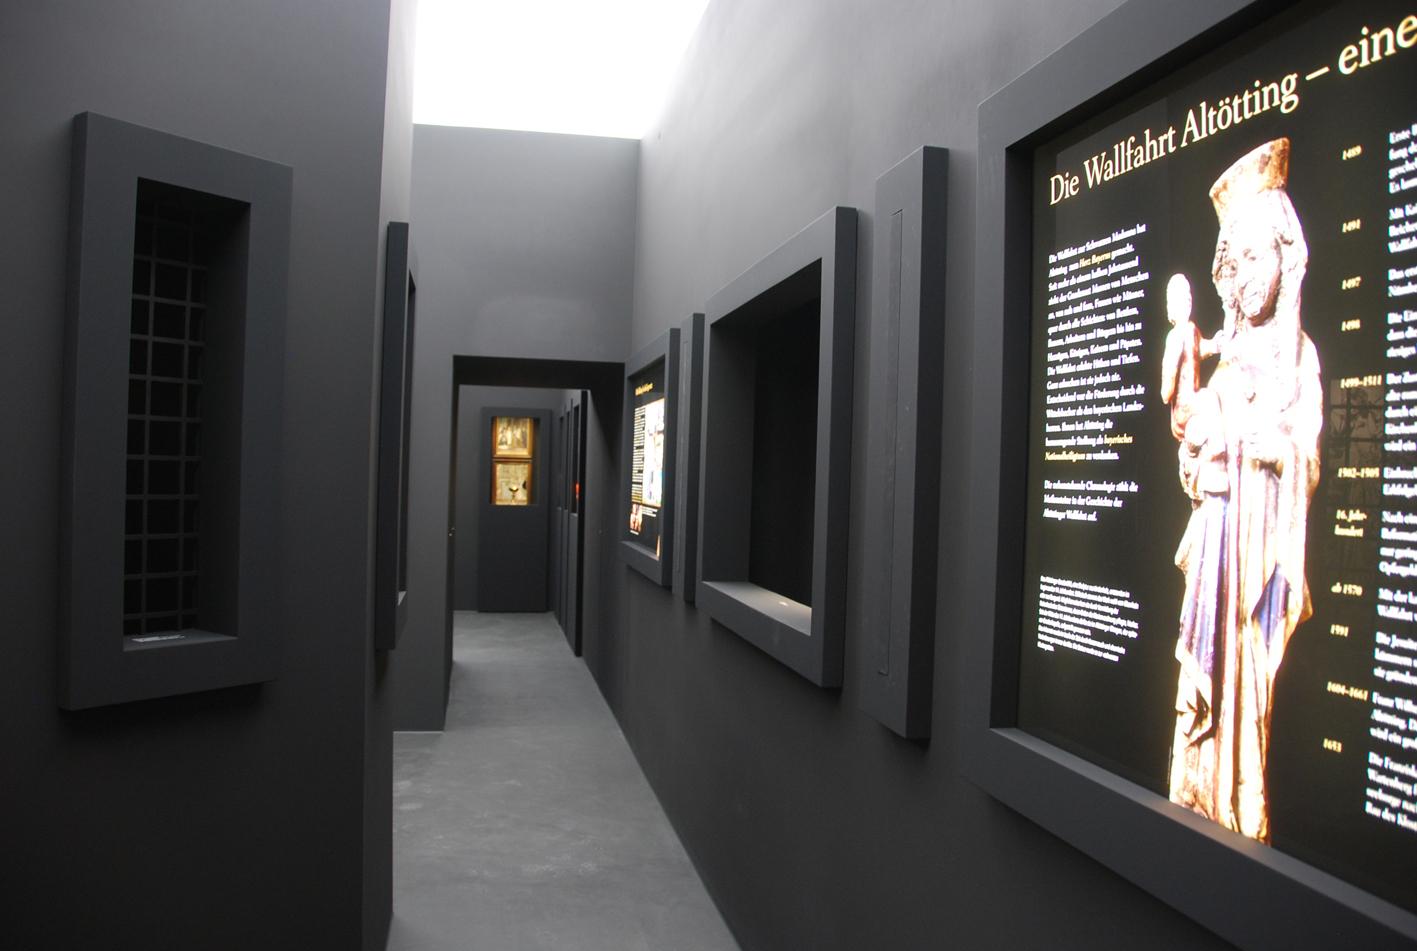 2021 07 06 aoelfb schatzkammer altoetting blick ins museum